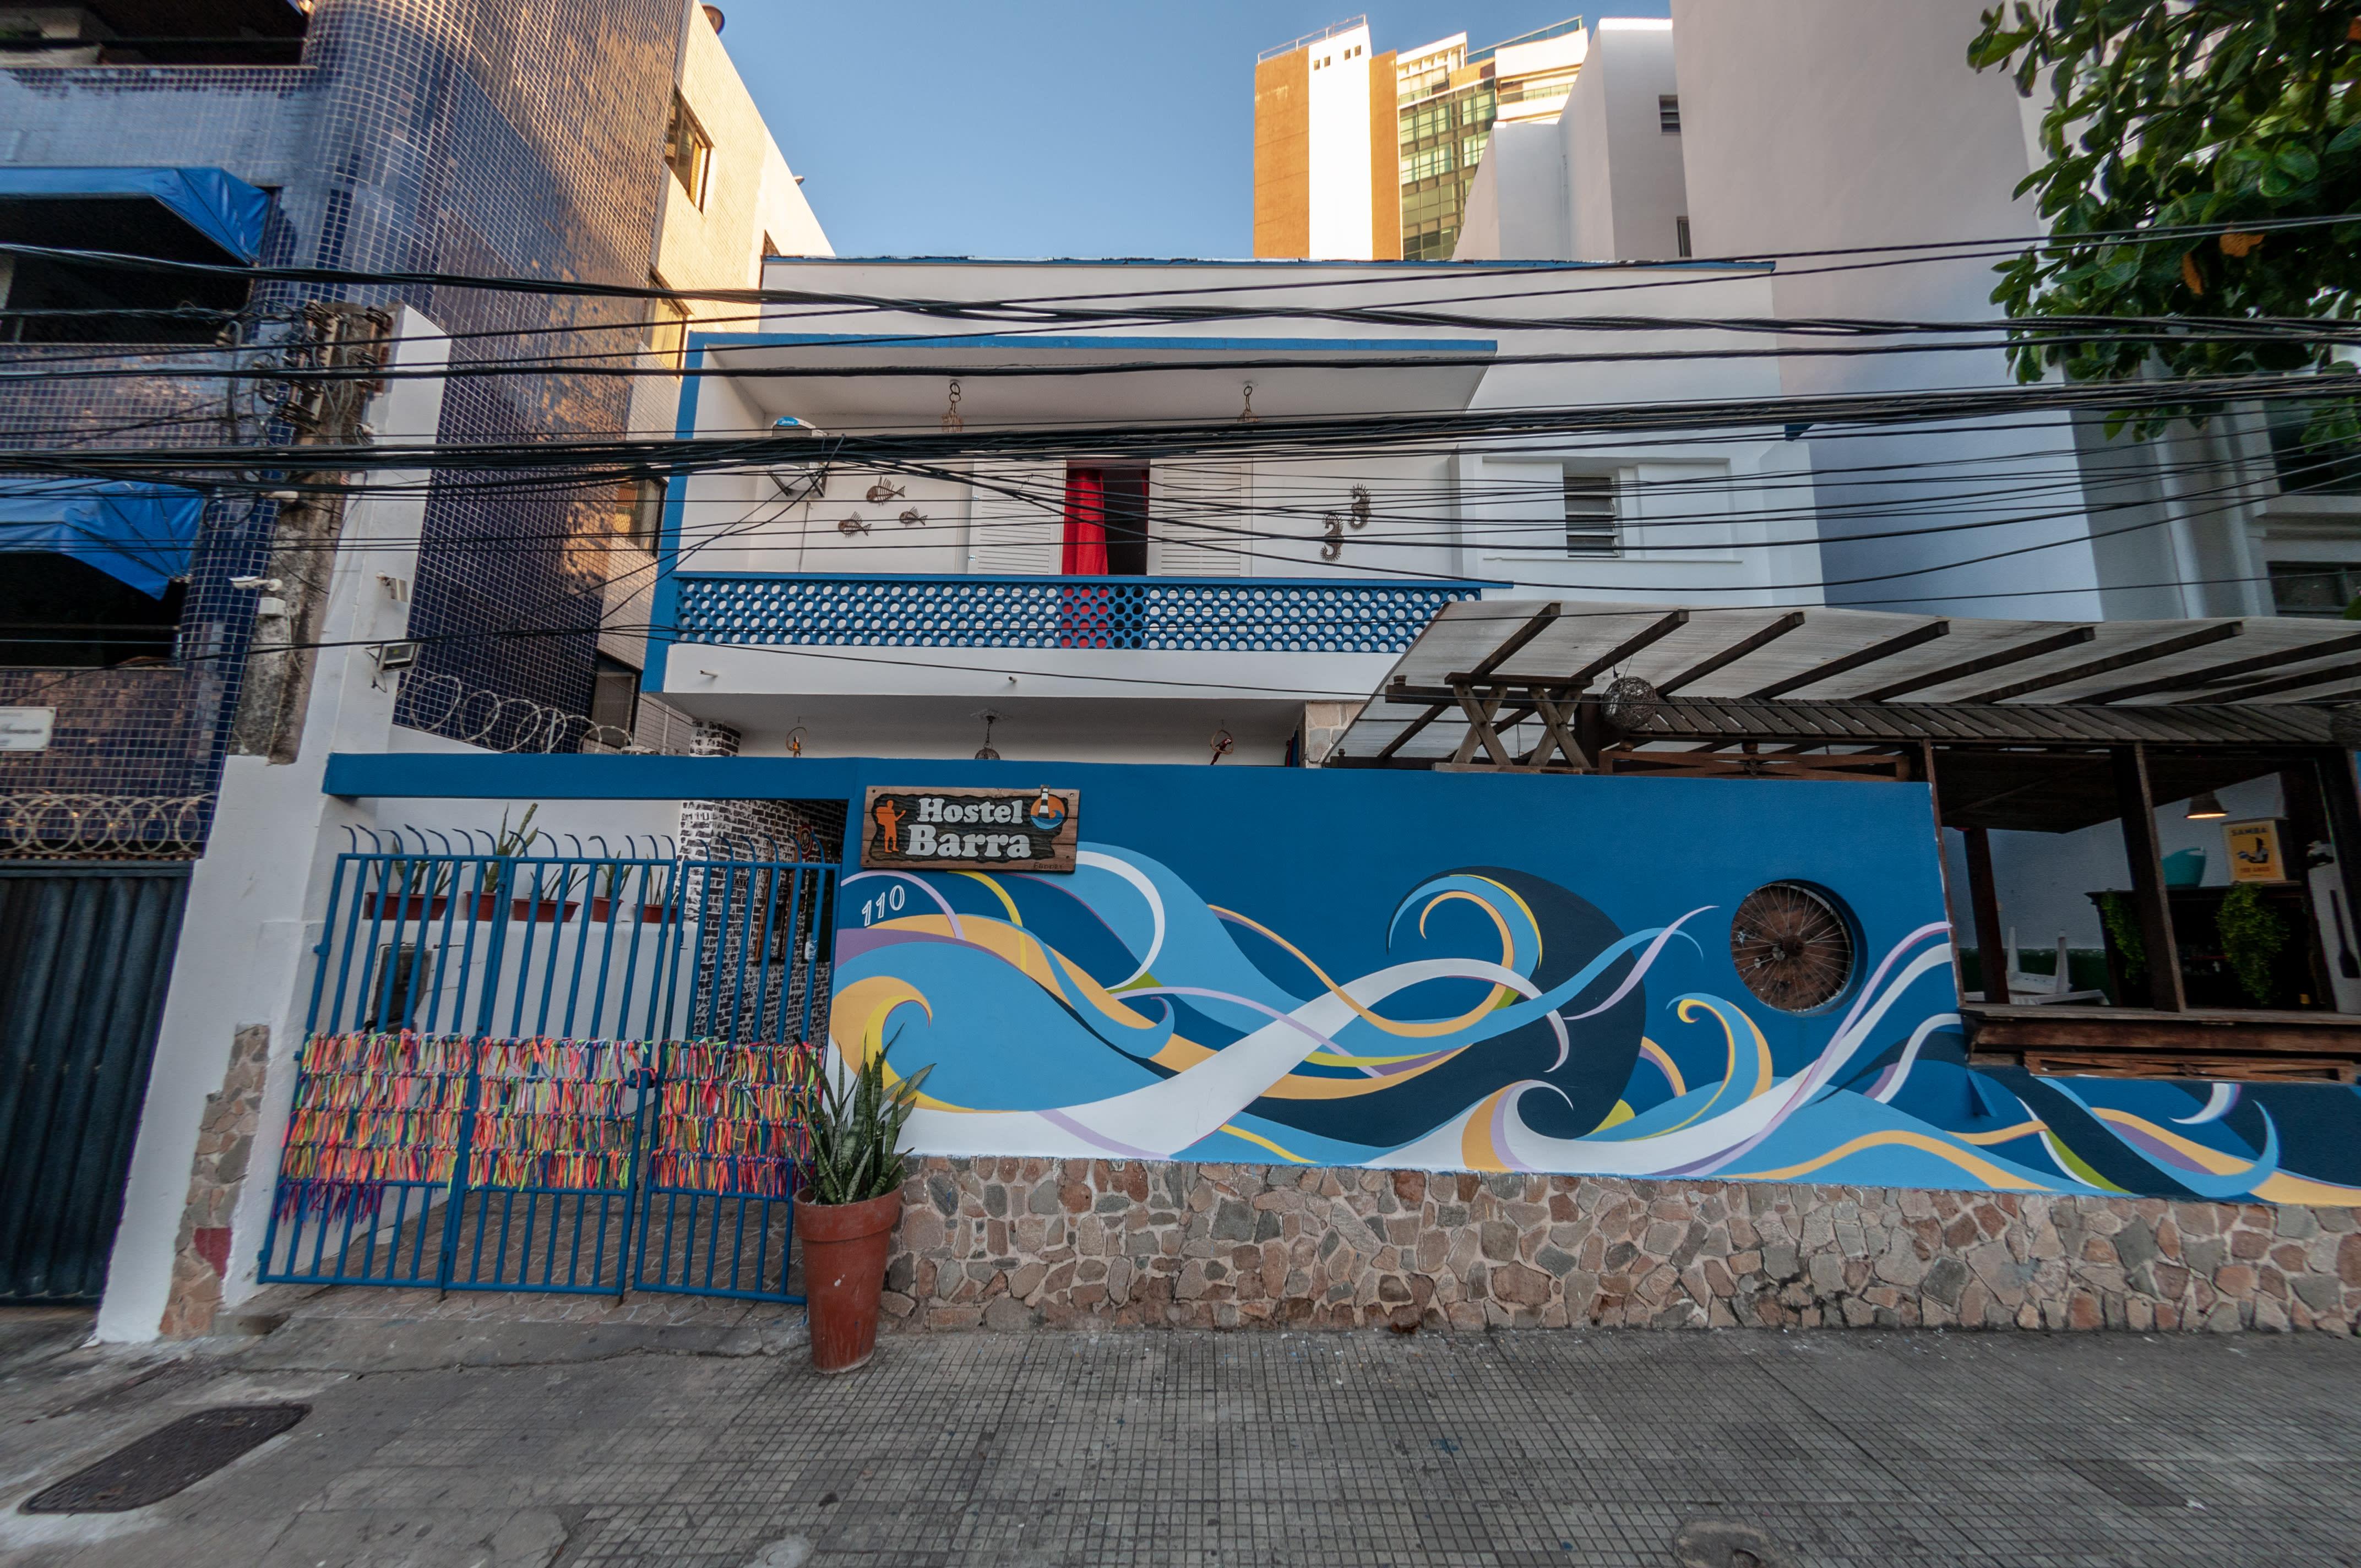 HOSTEL - Hostel Barra